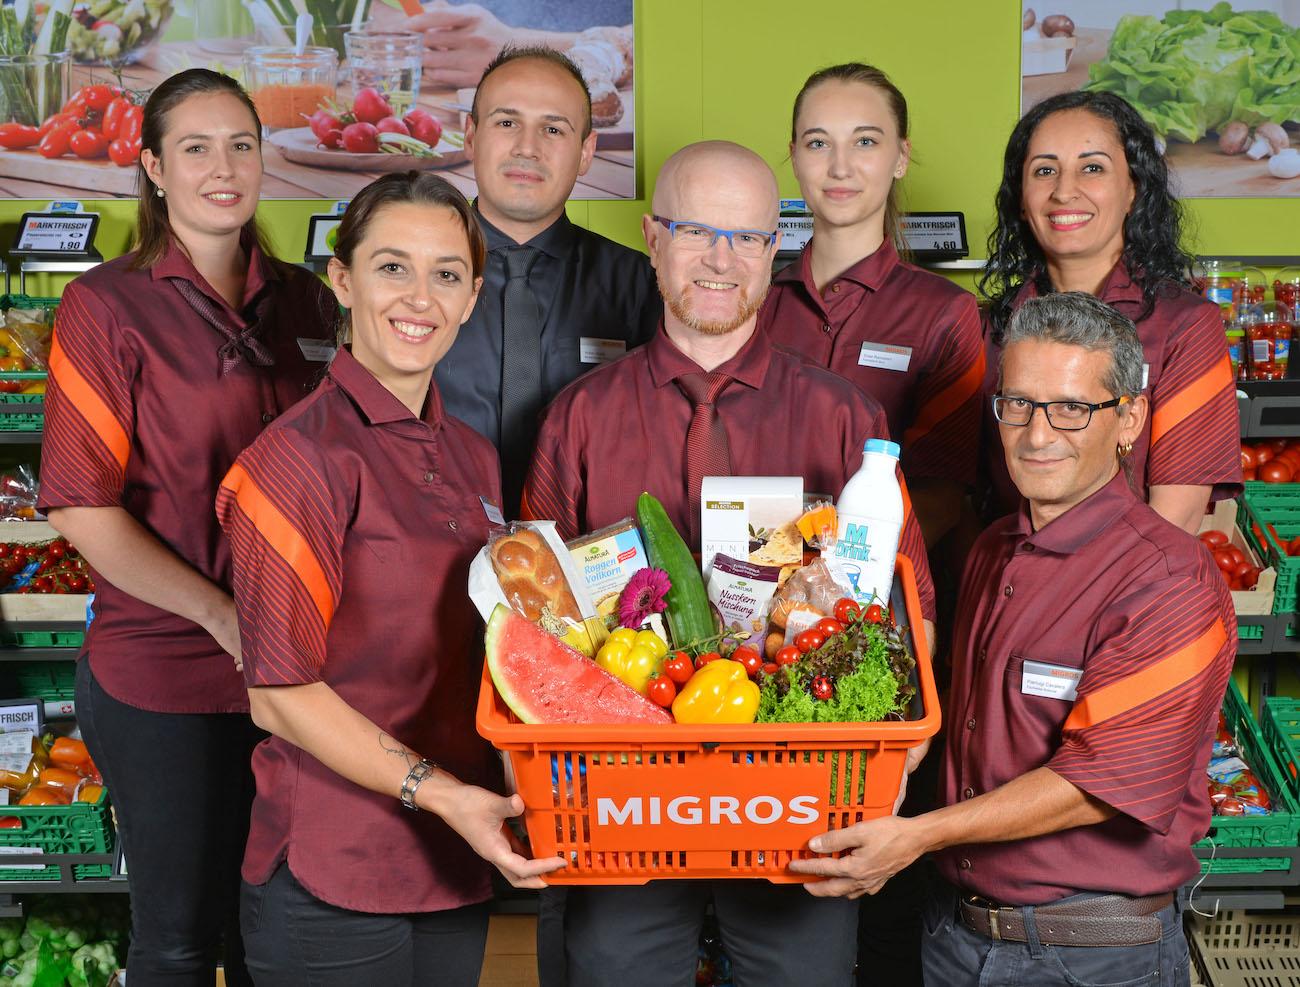 Meyer ist stolz auf sein Personal: Teamfoto der Waldstätter Migros-Filiale.